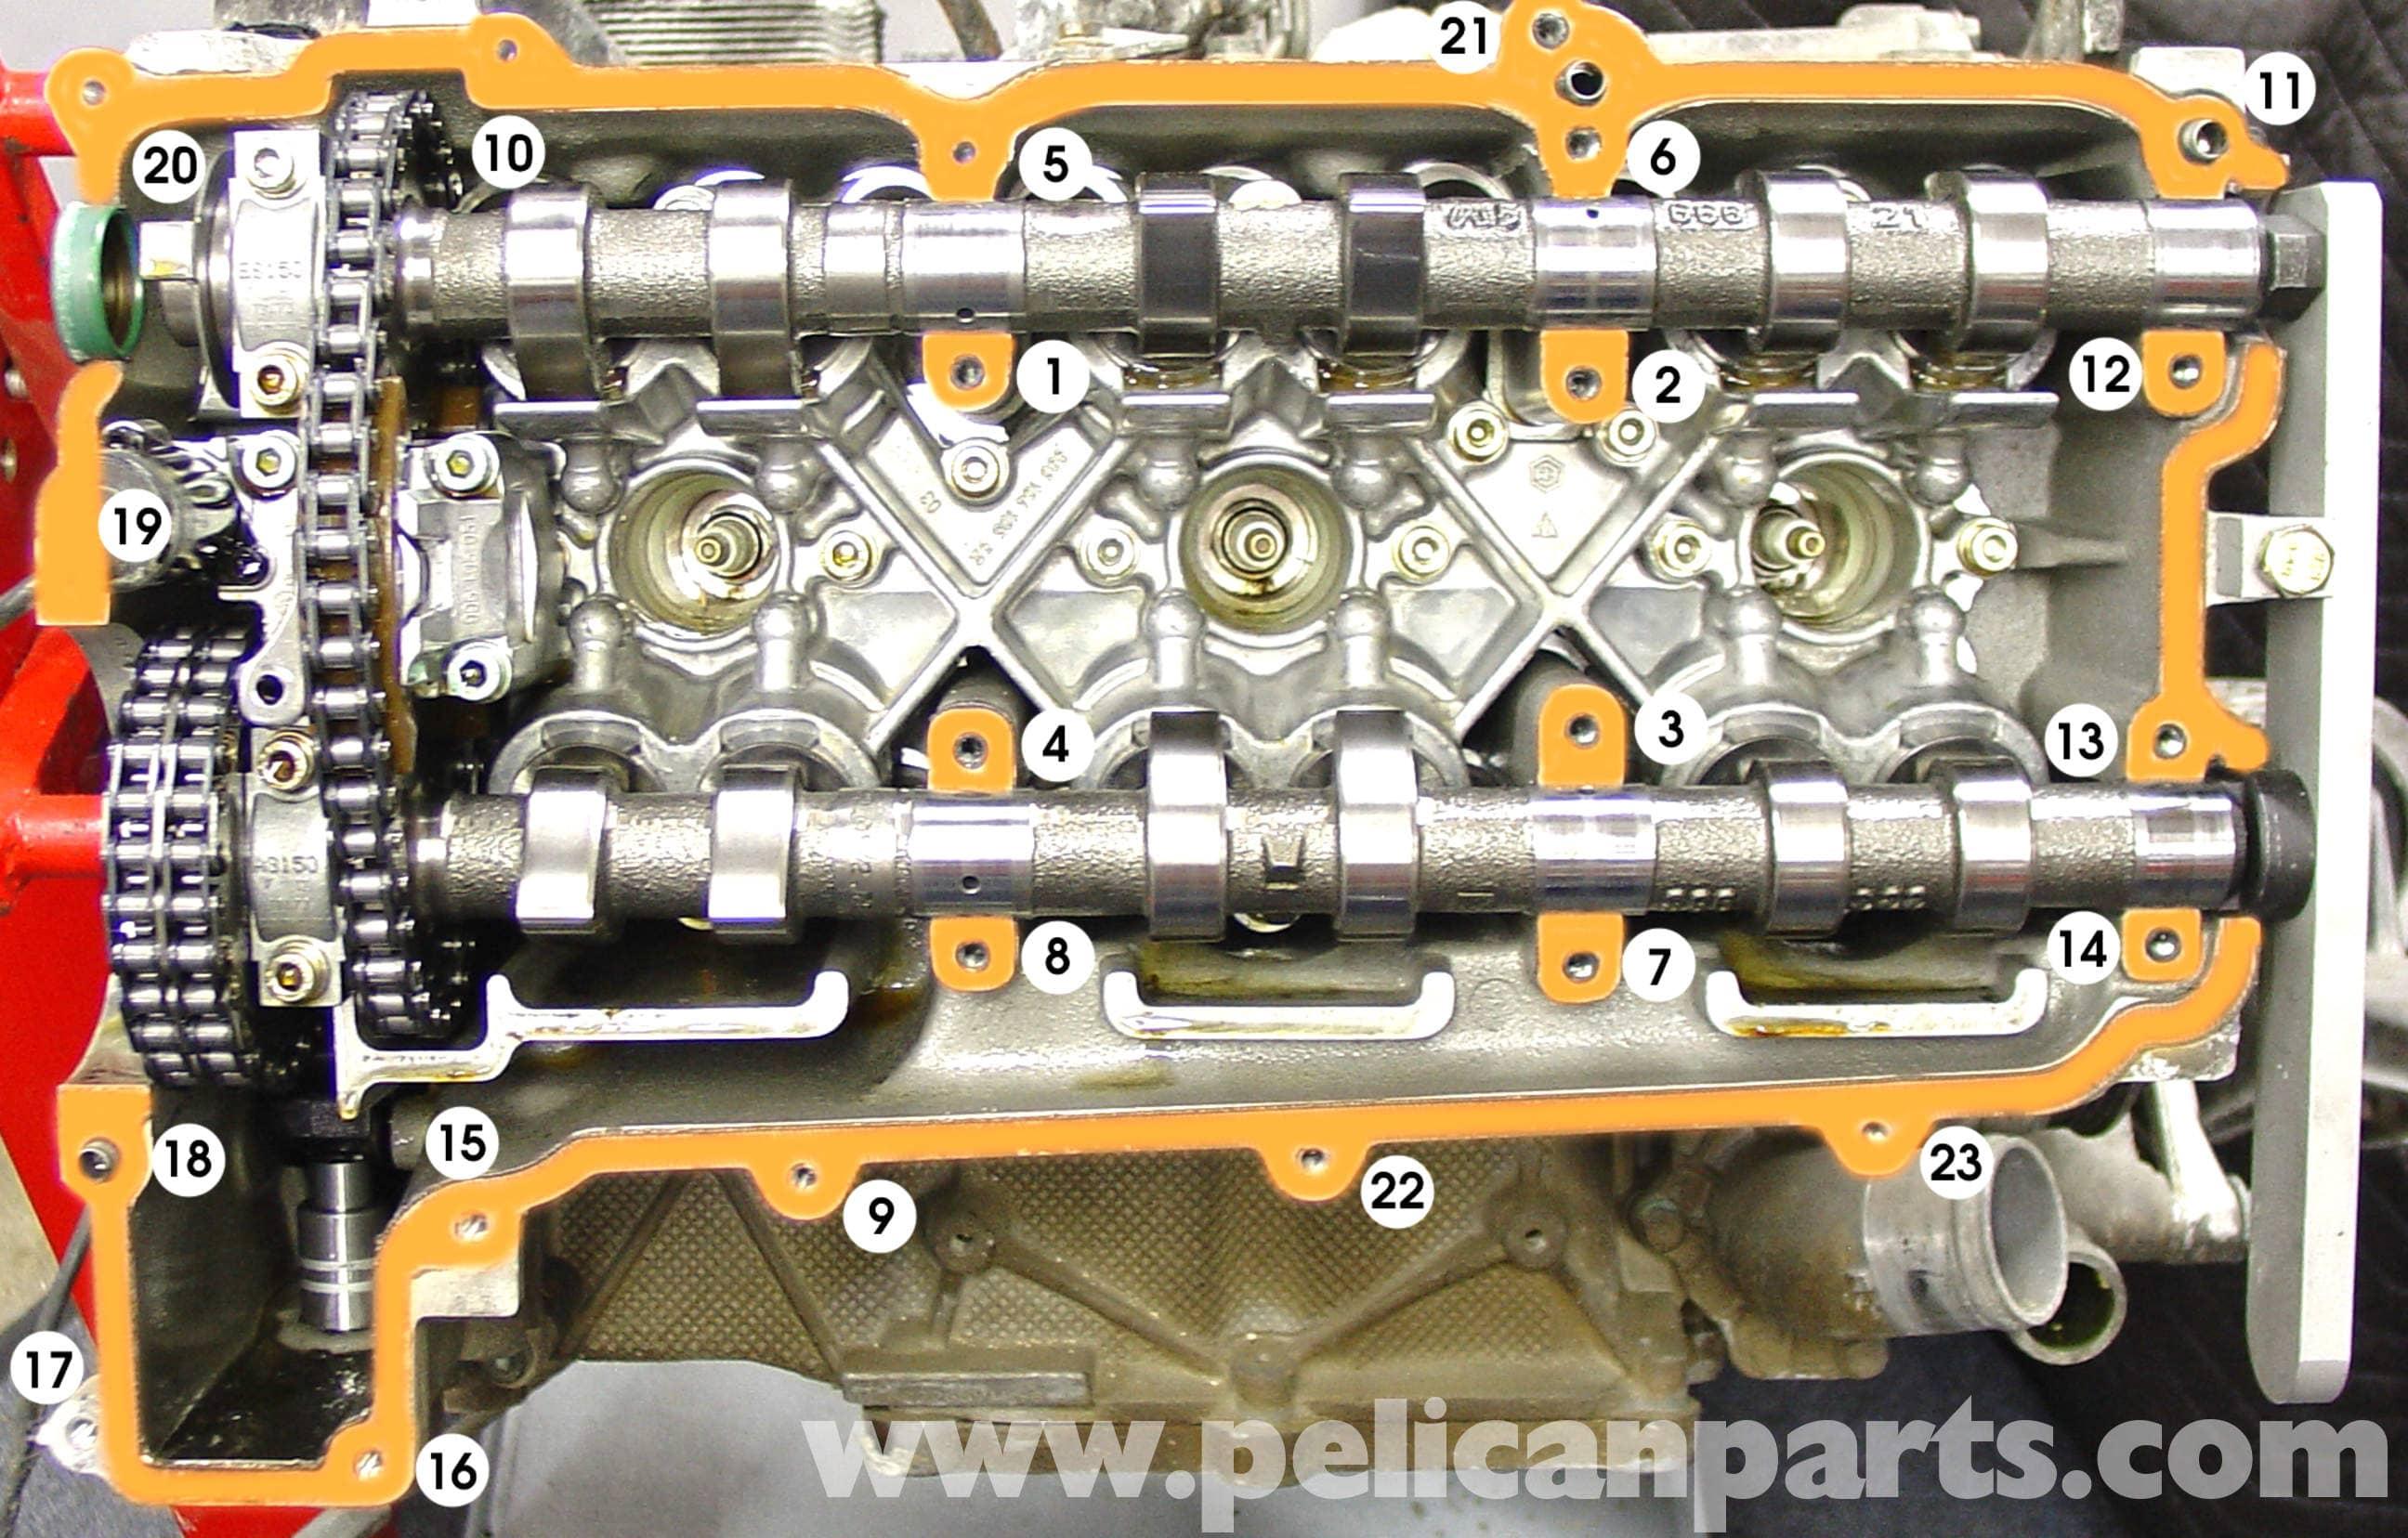 Liter Engine Together With 2005 Chrysler Pt Cruiser Engine Diagram